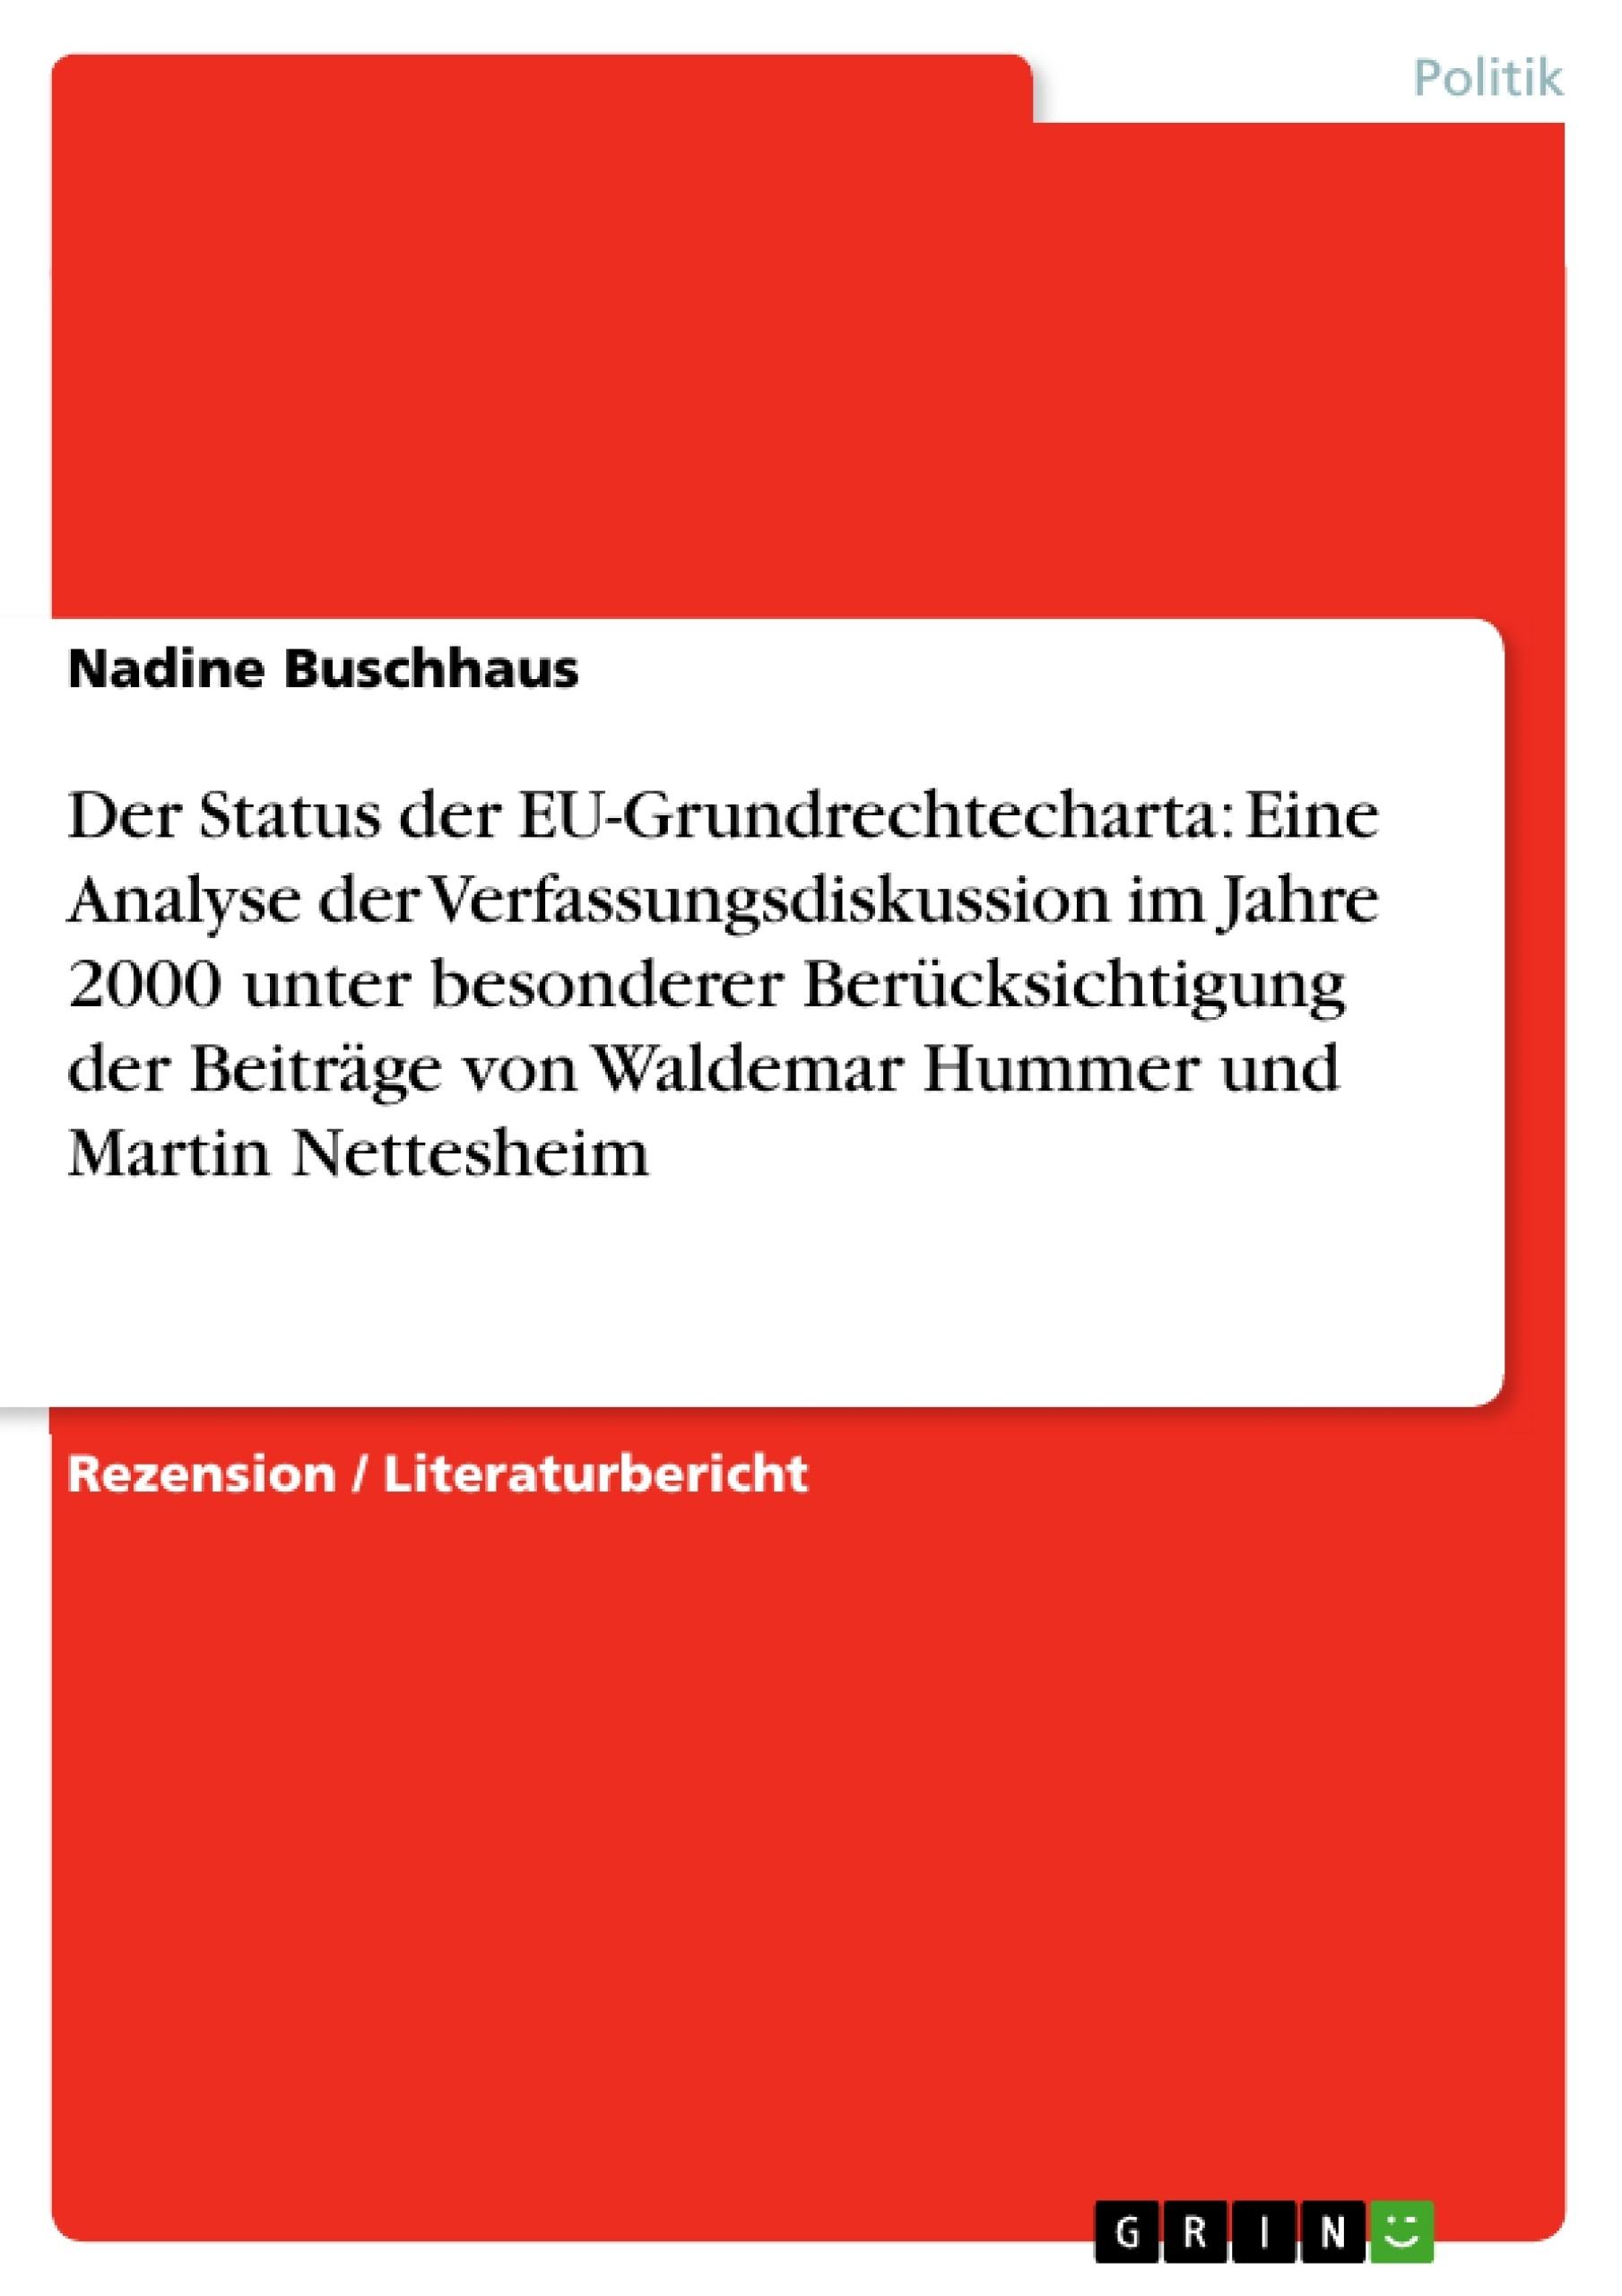 Titel: Der Status der EU-Grundrechtecharta: Eine Analyse der Verfassungsdiskussion im Jahre 2000 unter besonderer Berücksichtigung der Beiträge von Waldemar Hummer und Martin Nettesheim